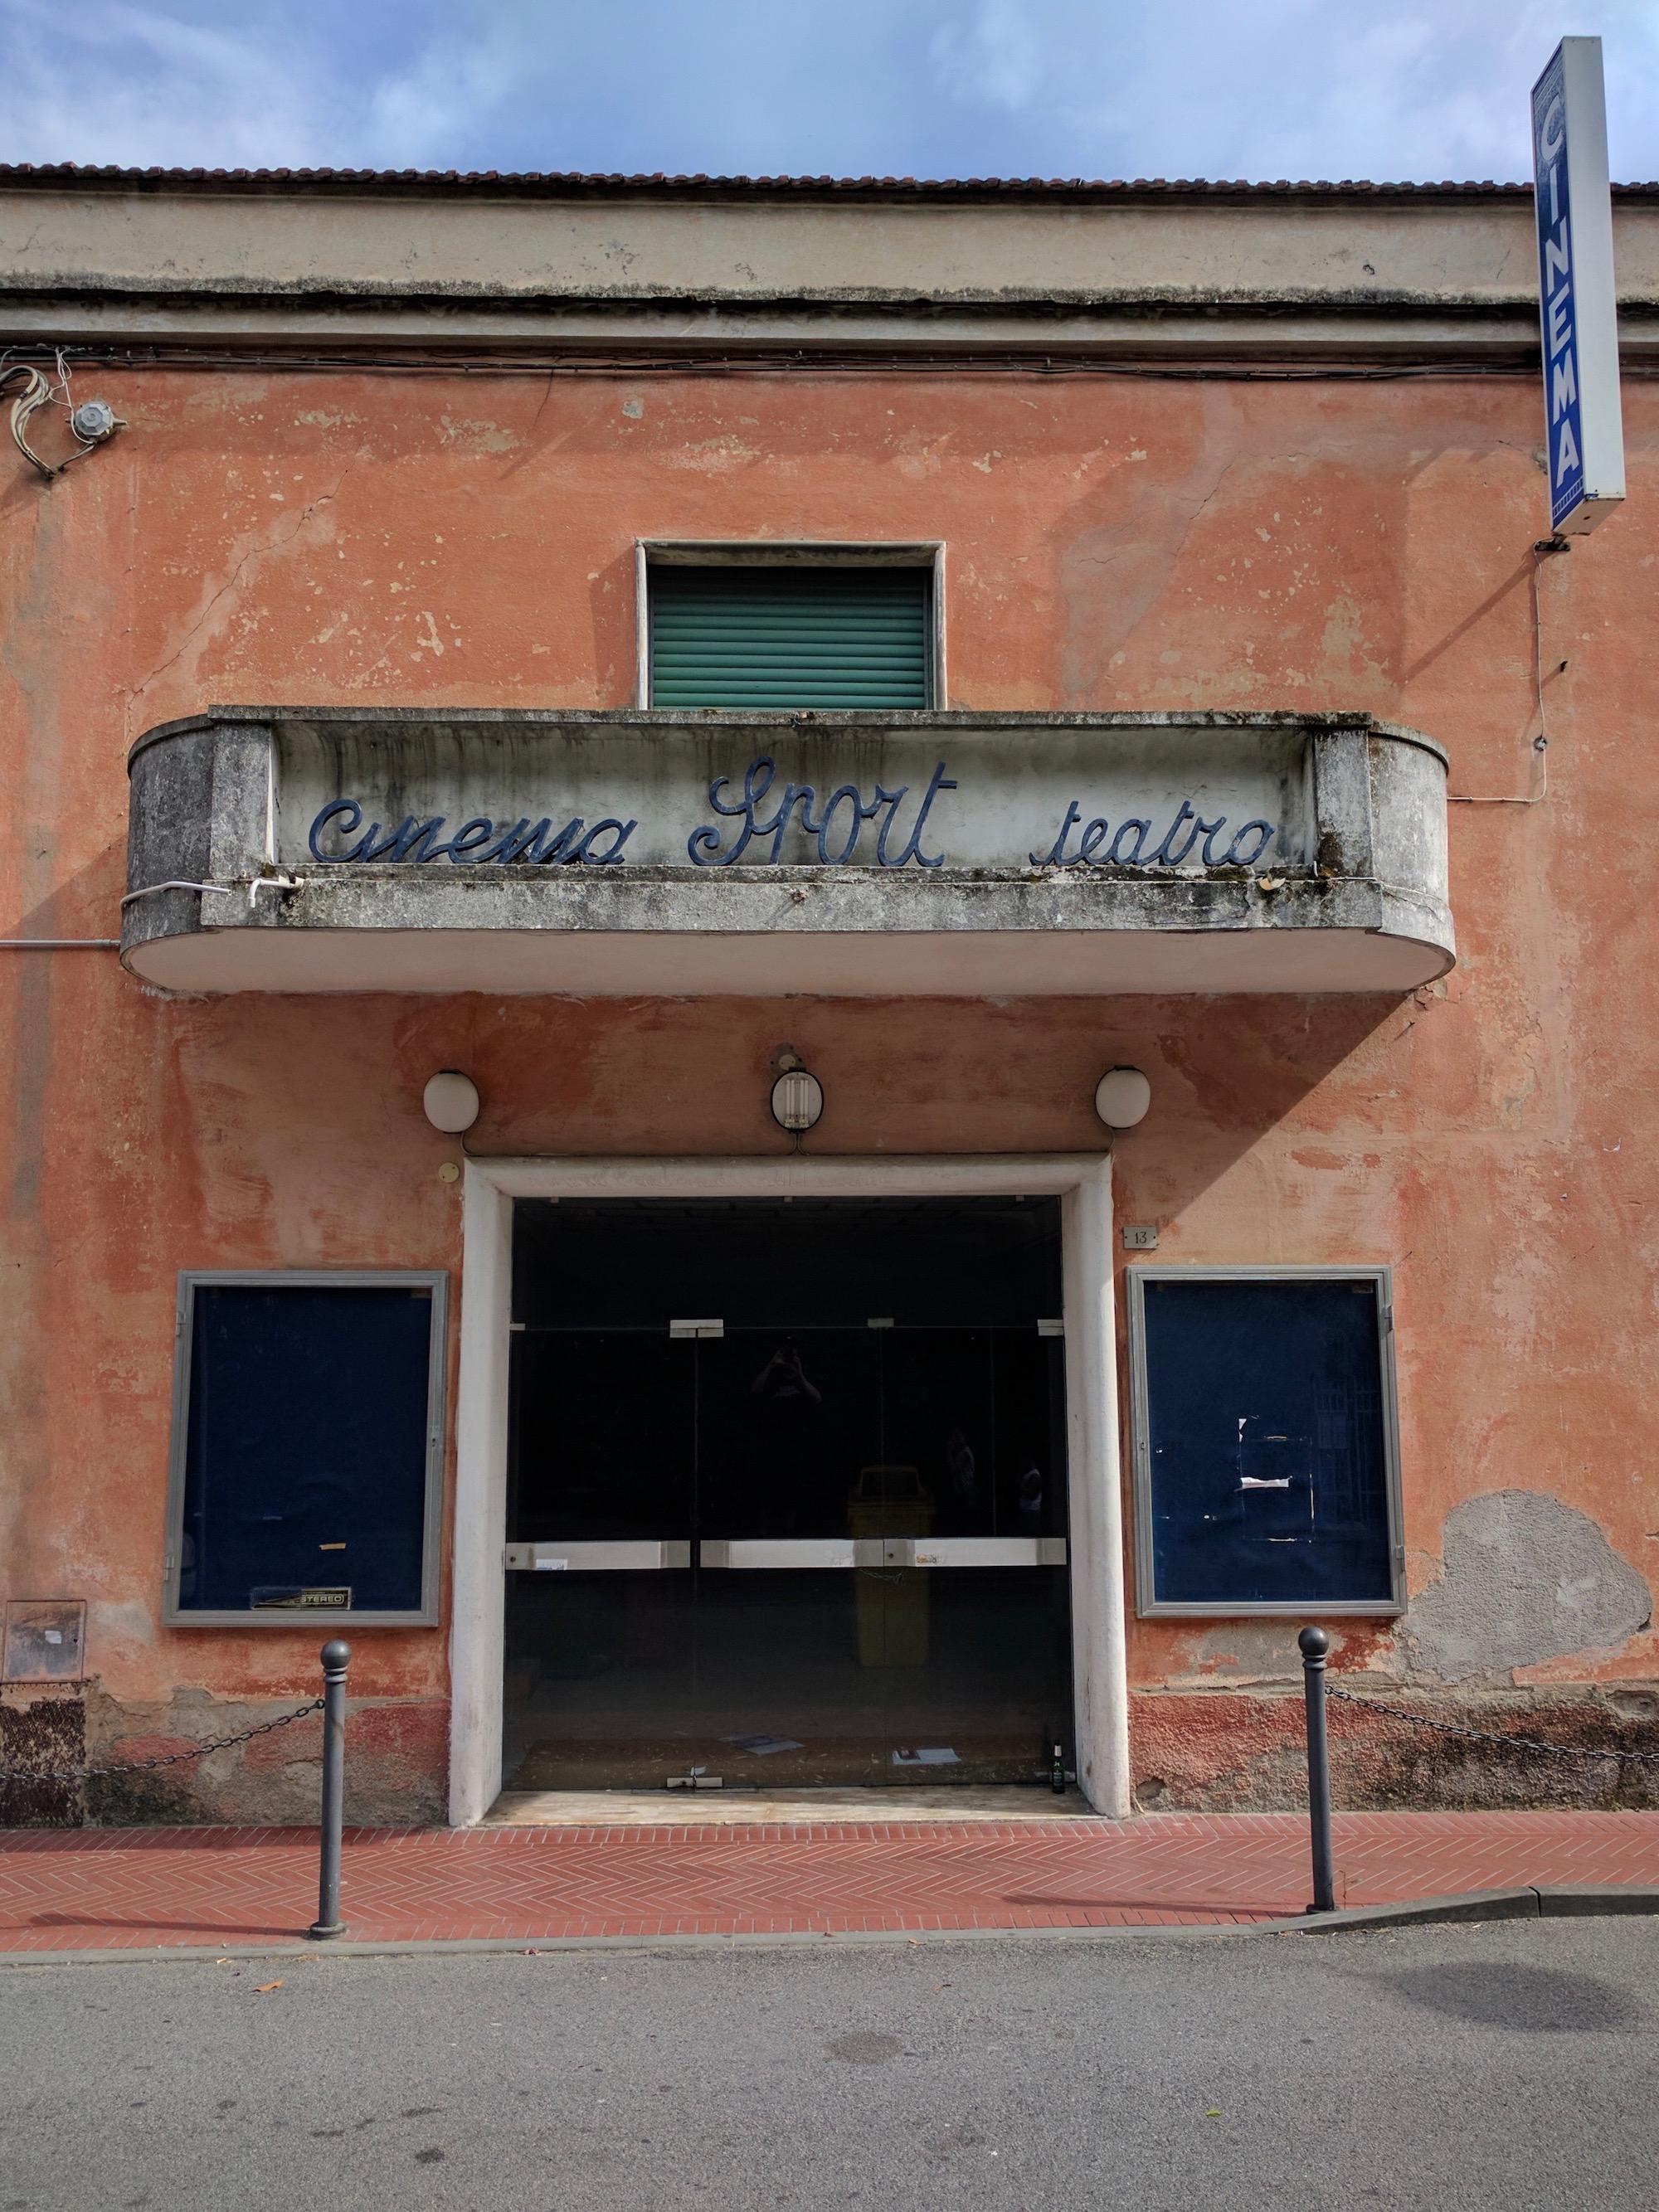 Verlassenes Kino, Levanto, Ligurien